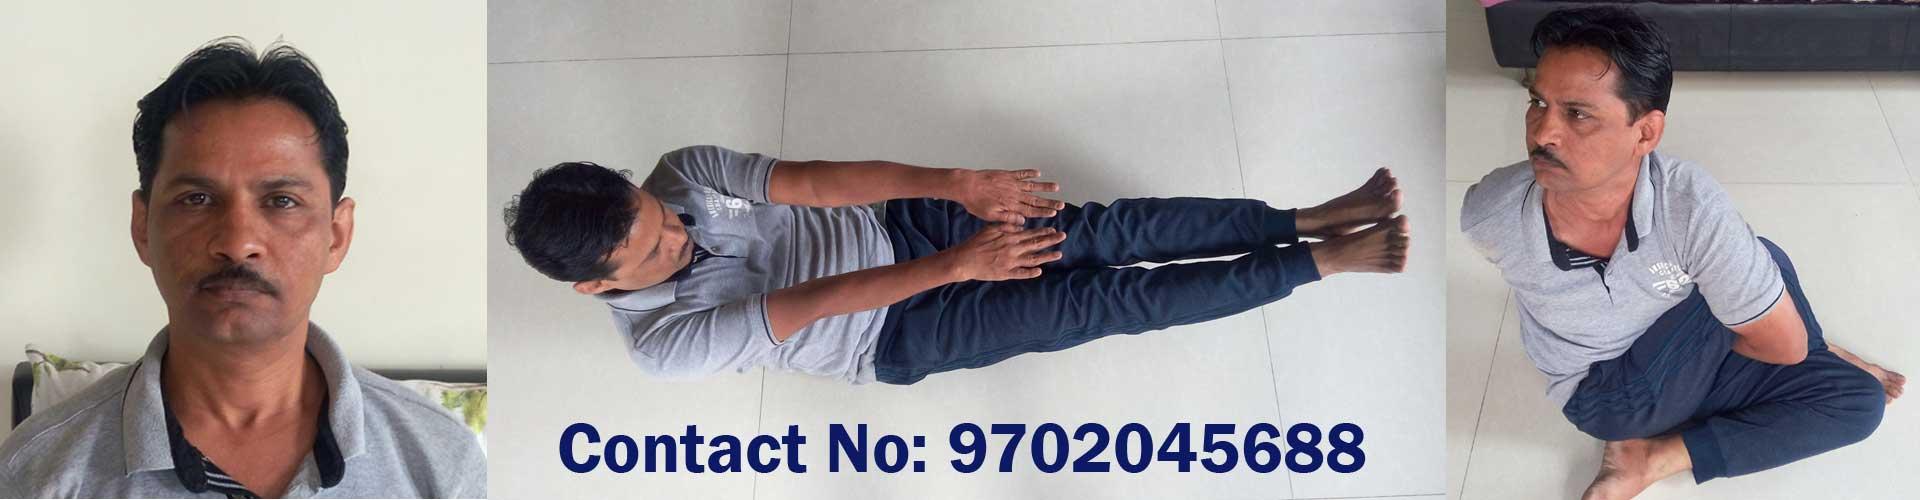 Dipak Patel - Banner Image